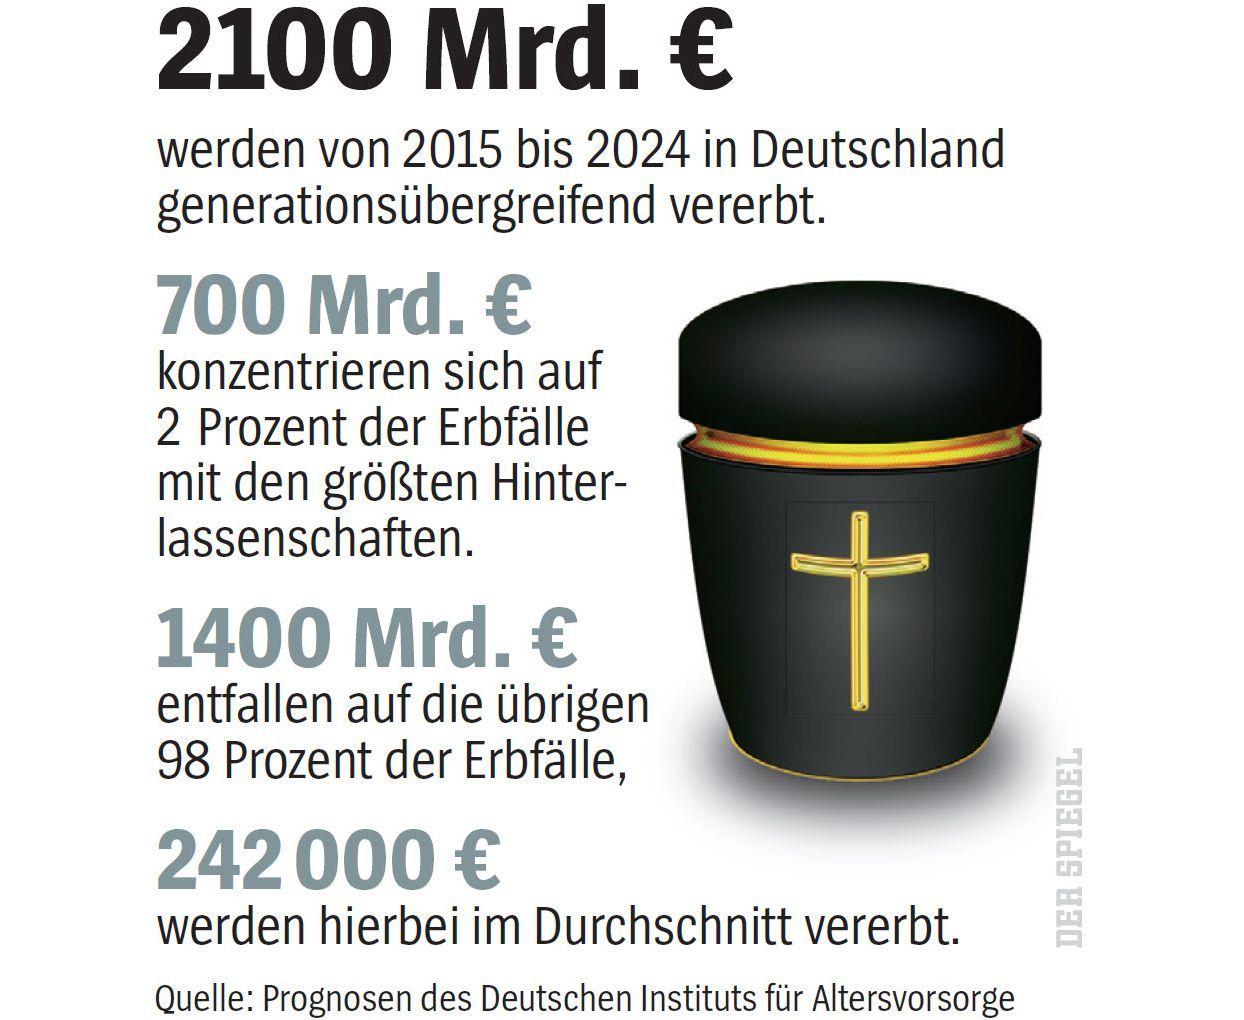 SPIEGEL Plus SPIEGEL 27/2016 S.44 Notar Bultmann / Nachlass